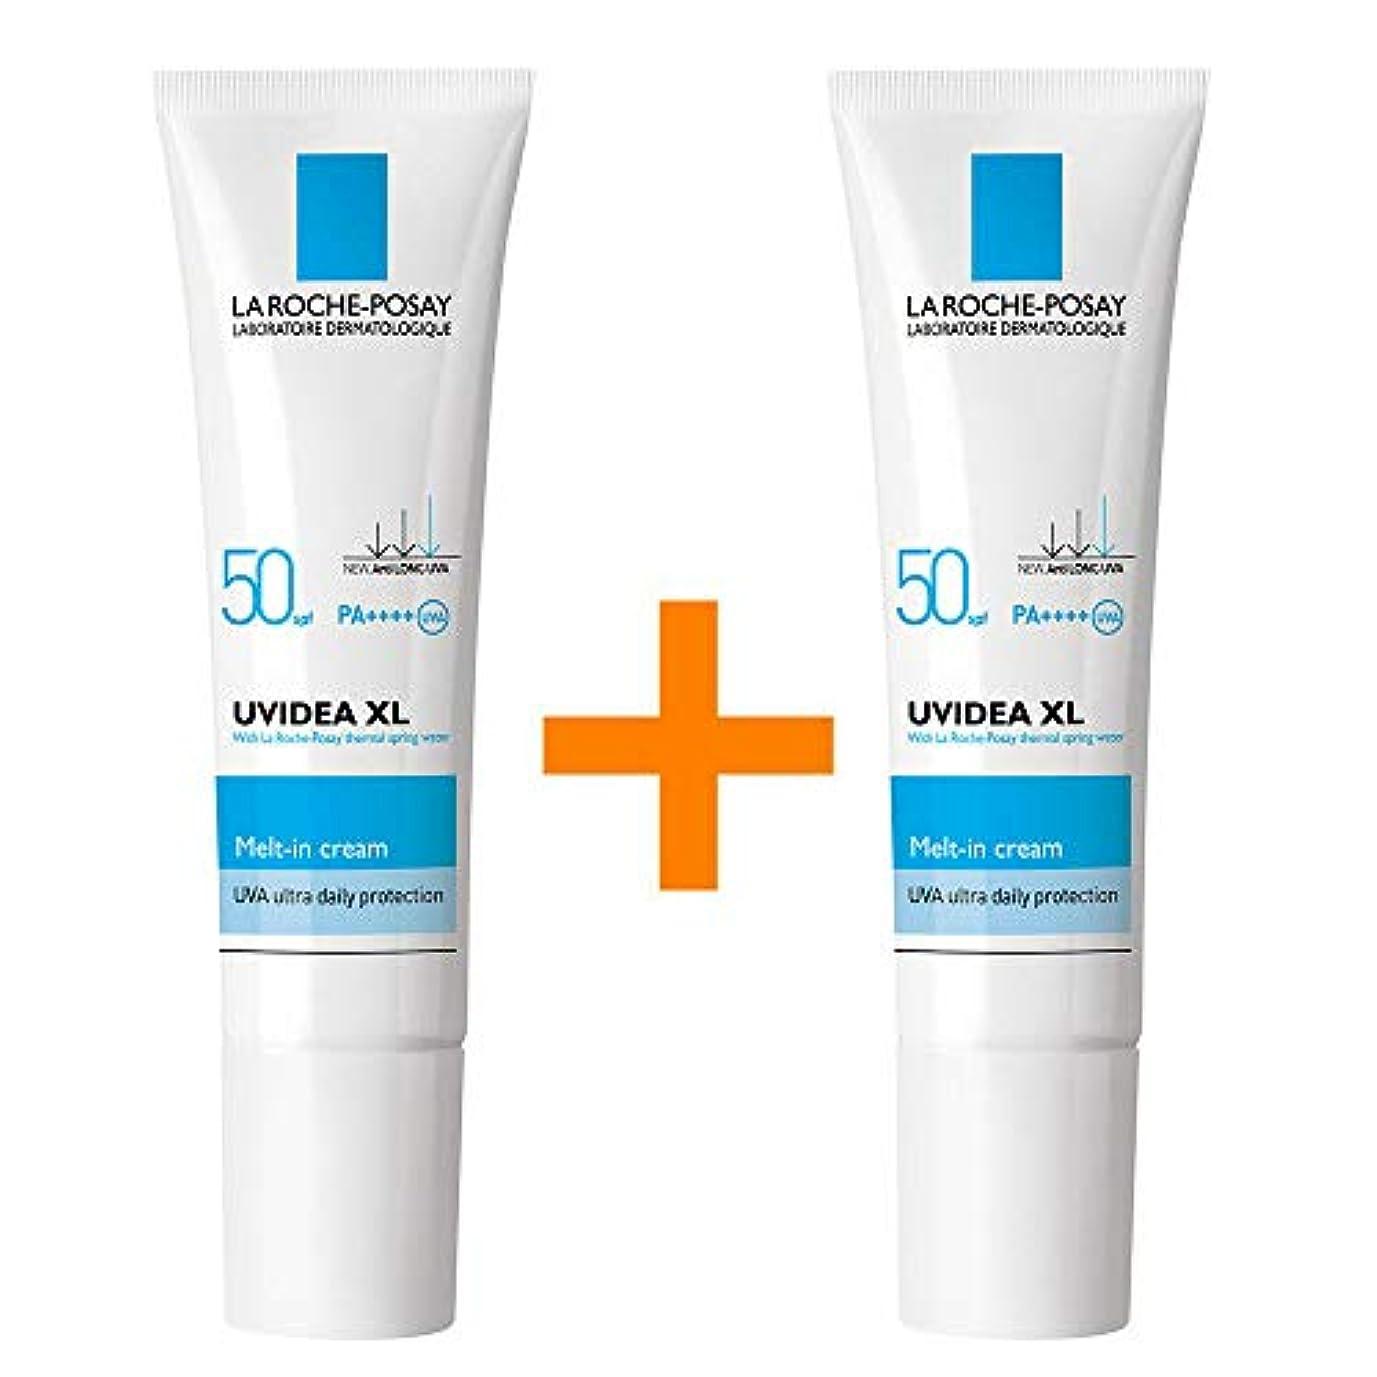 汚物バスケットボール熱[1+1] La Roche-Posay ラロッシュポゼ UVイデア XL Melt-In クリーム Uvidea XL Melt-In Cream - Natural (30ml) SPF50+ PA++++